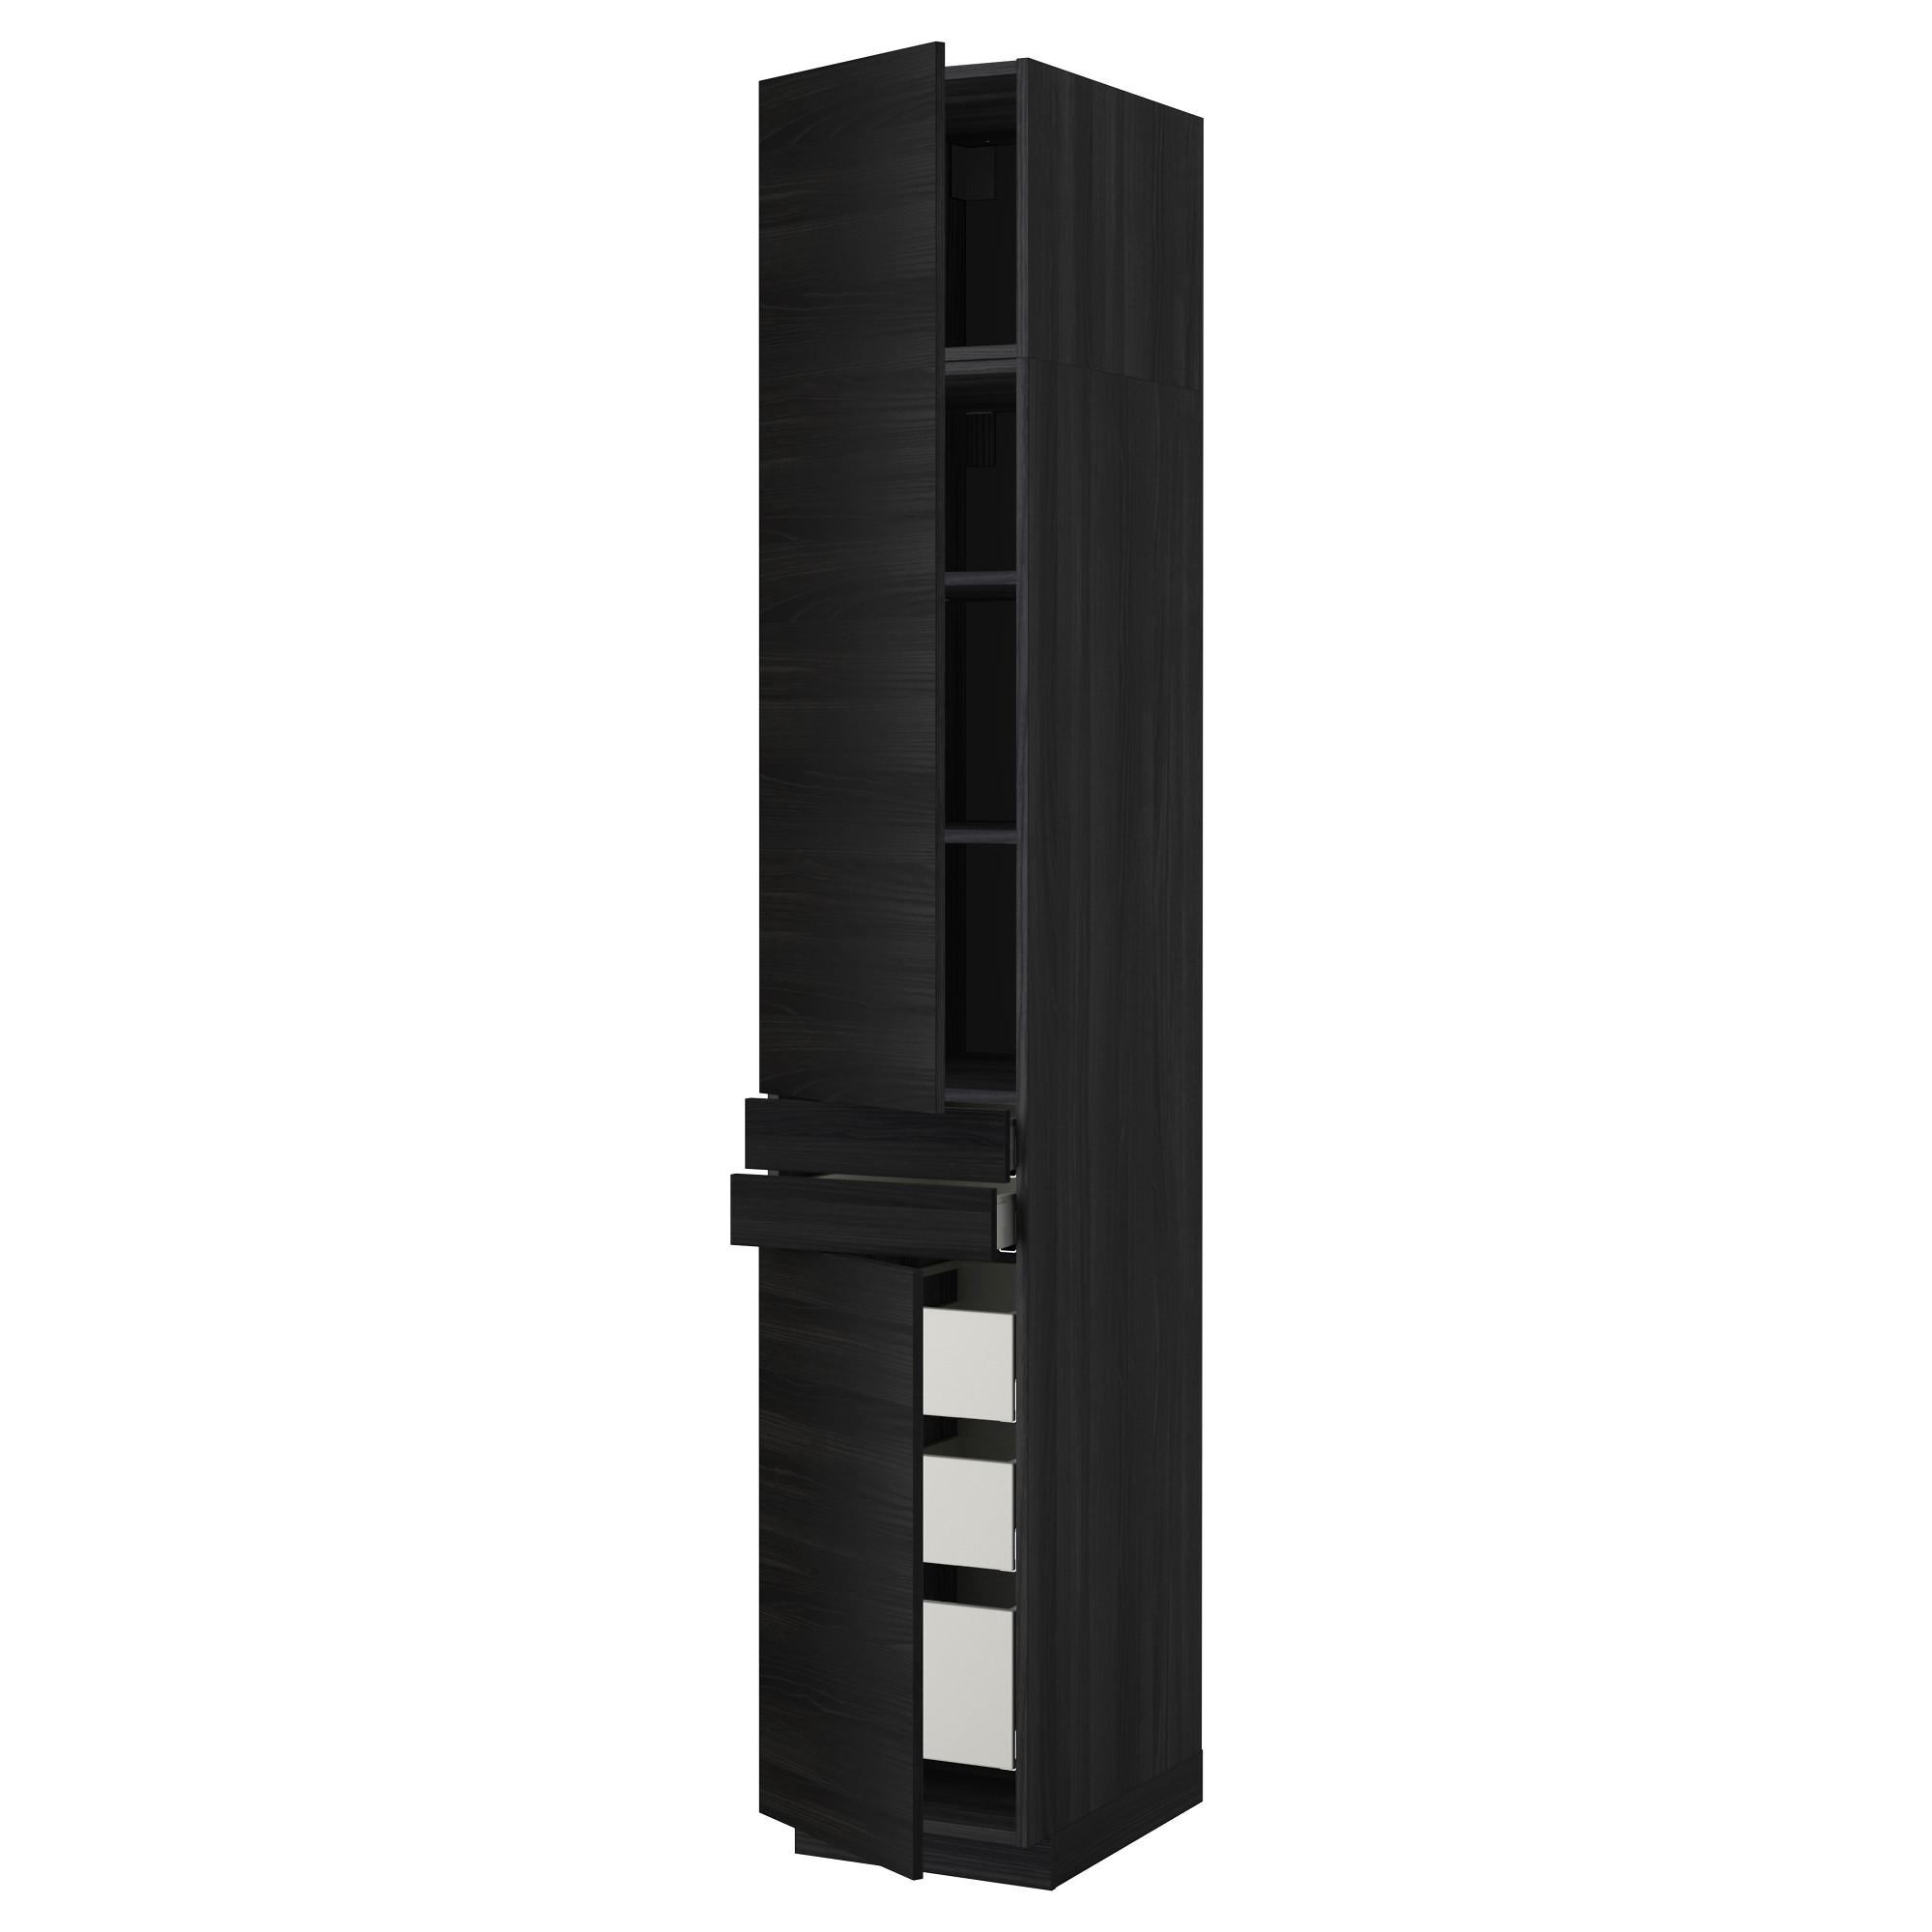 Высокий шкаф + полки, 5 ящиков, 2 дверцы, 2 фронтальных МЕТОД / МАКСИМЕРА черный артикуль № 592.364.78 в наличии. Онлайн магазин IKEA Беларусь. Недорогая доставка и монтаж.